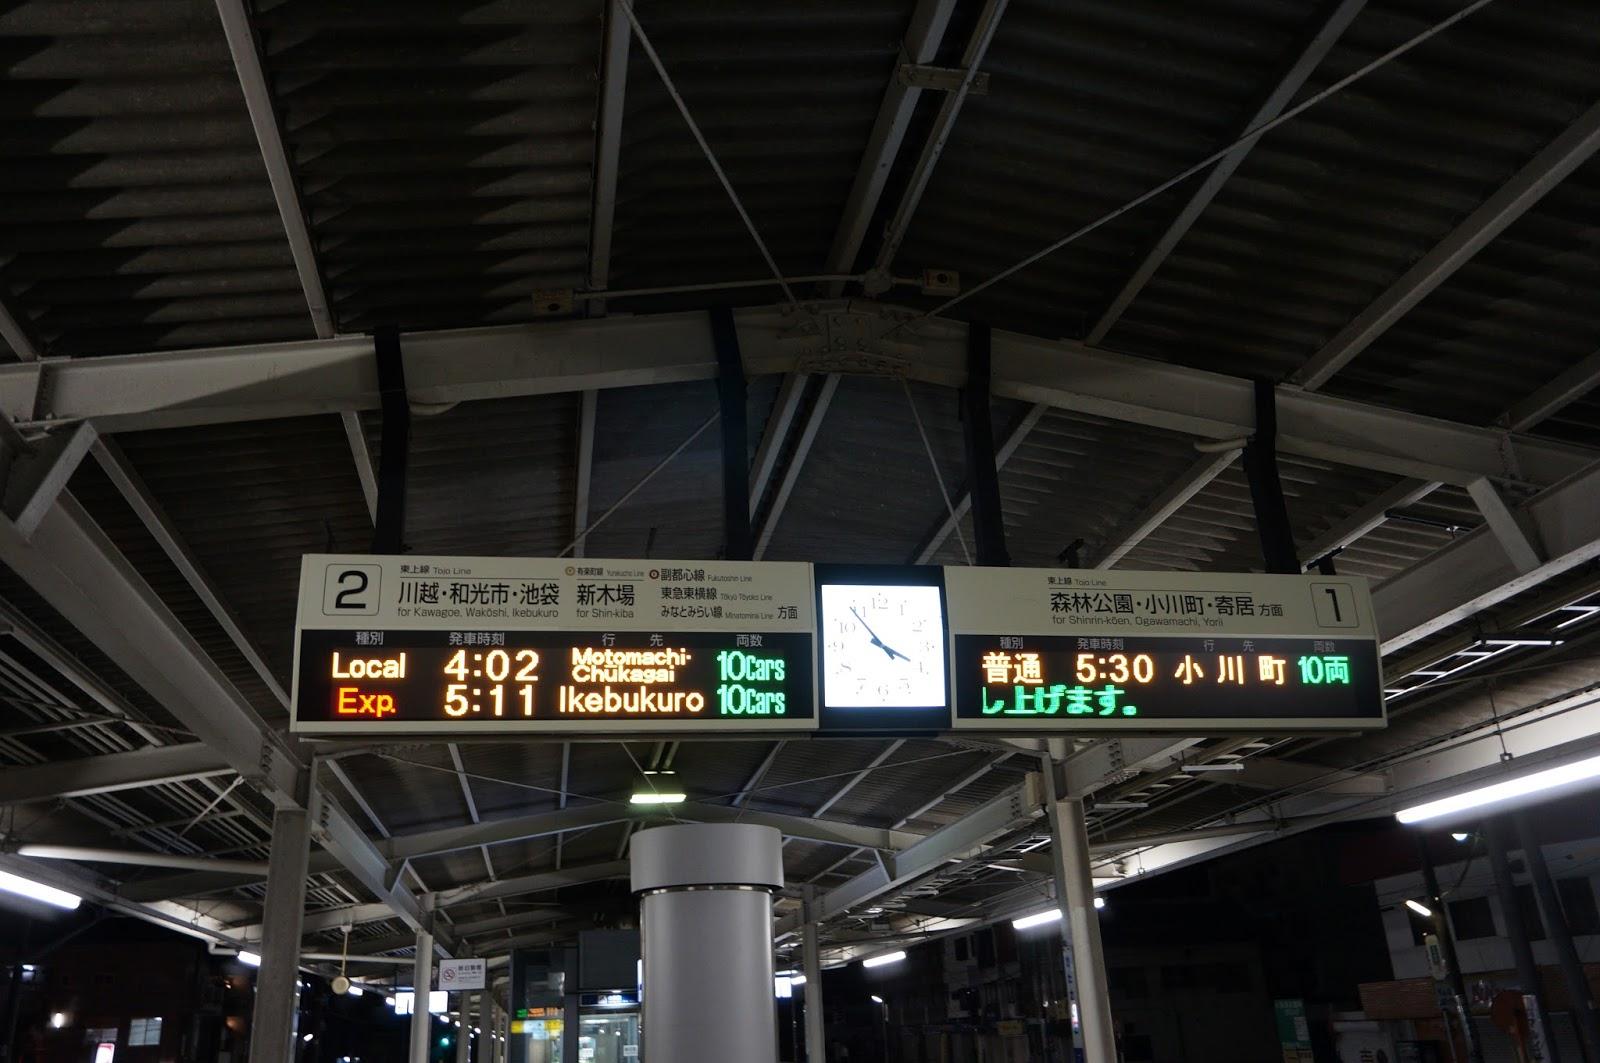 みなと横浜 初日の出号2014年運行時の電光掲示板